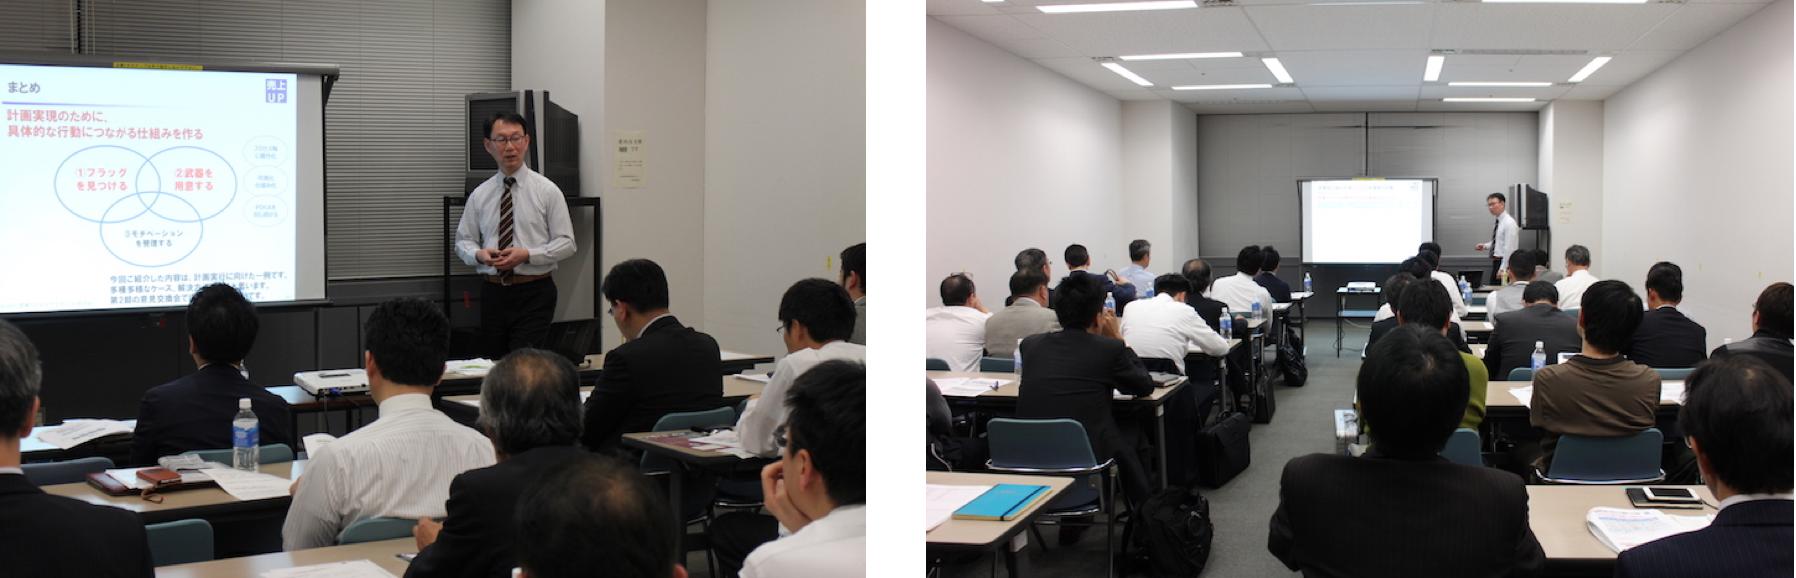 営業力強化セミナー風景(2017/02/17)